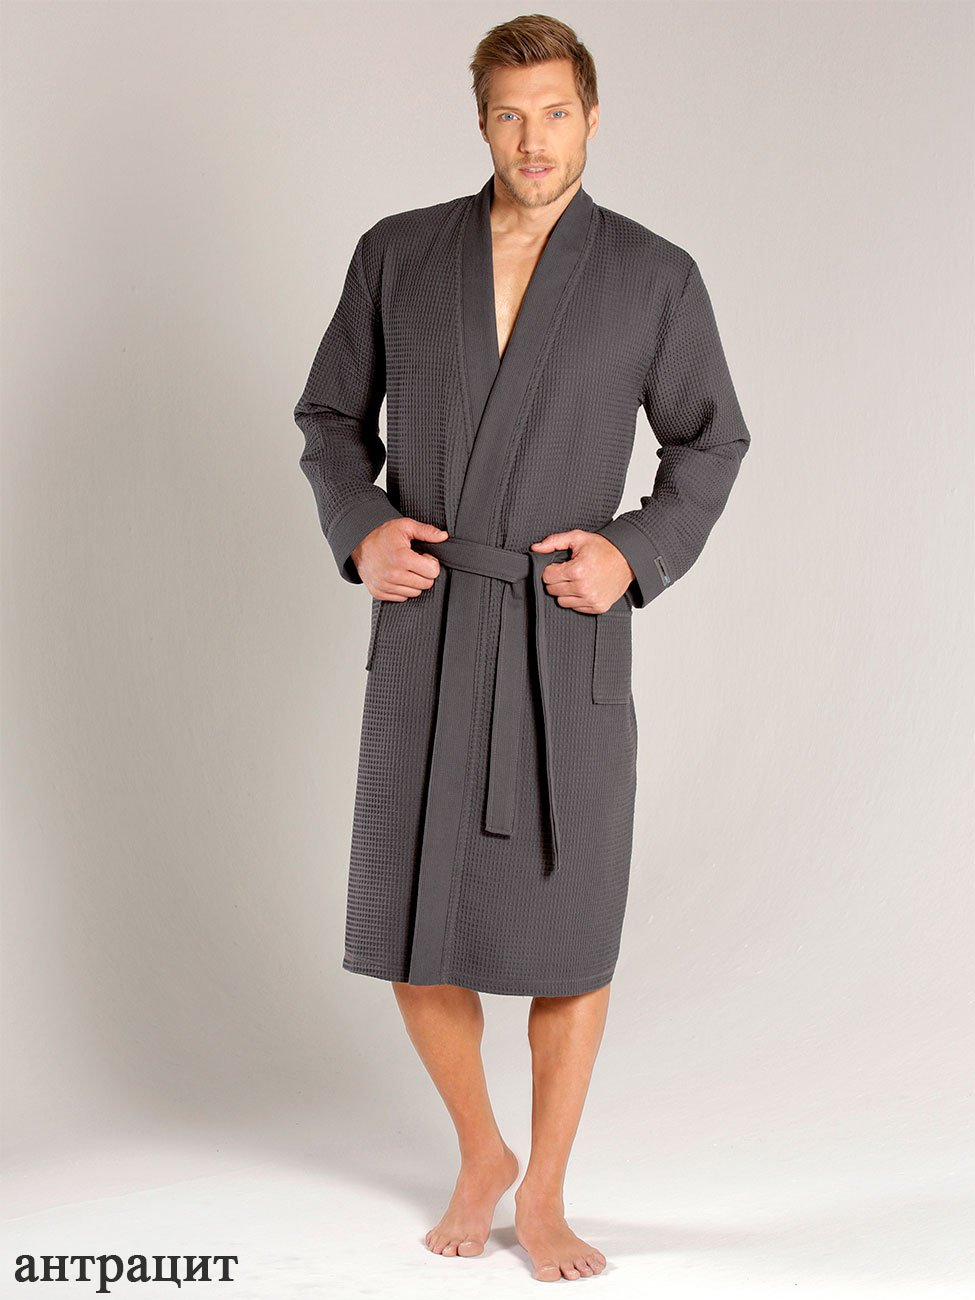 Мужской халат длинный, антрацит вафельный 000614-613 Taubert